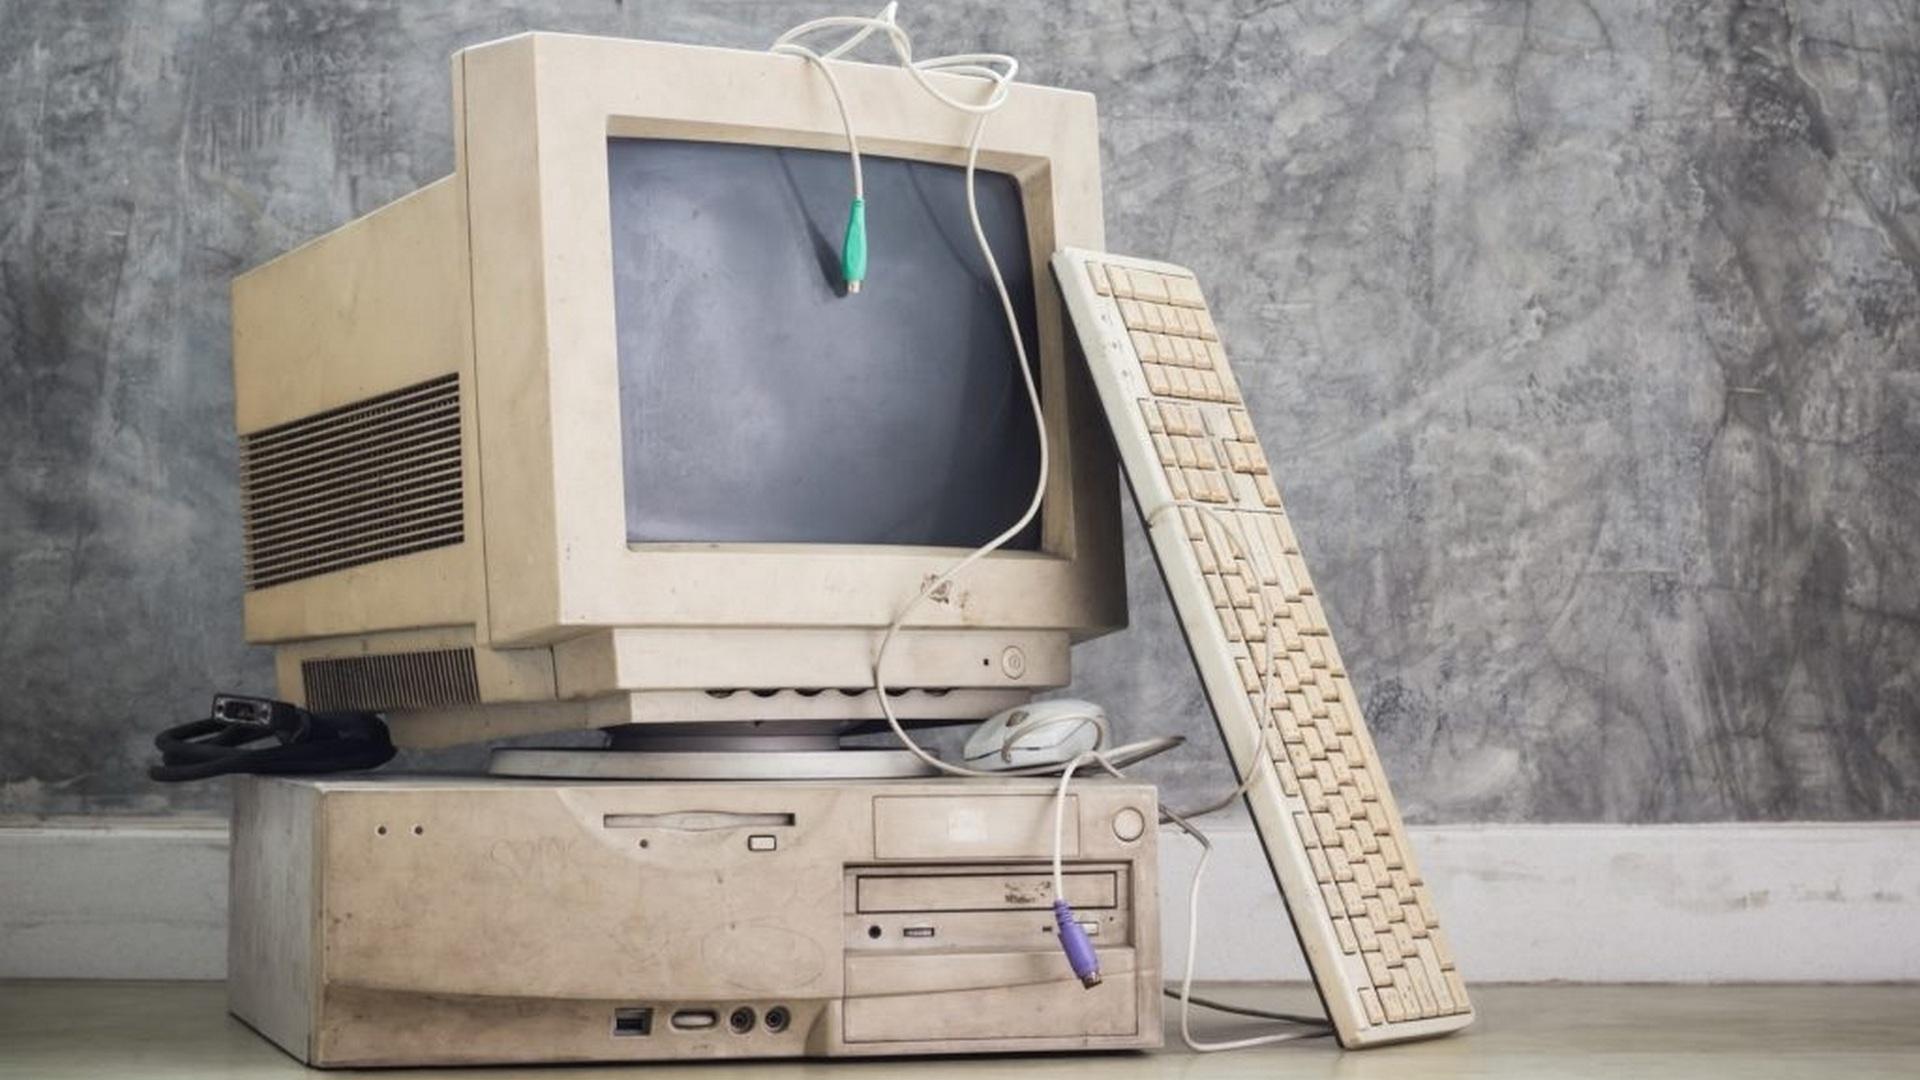 Признаки устаревшего сайта, или Чего не прощает современный интернет-маркетинг